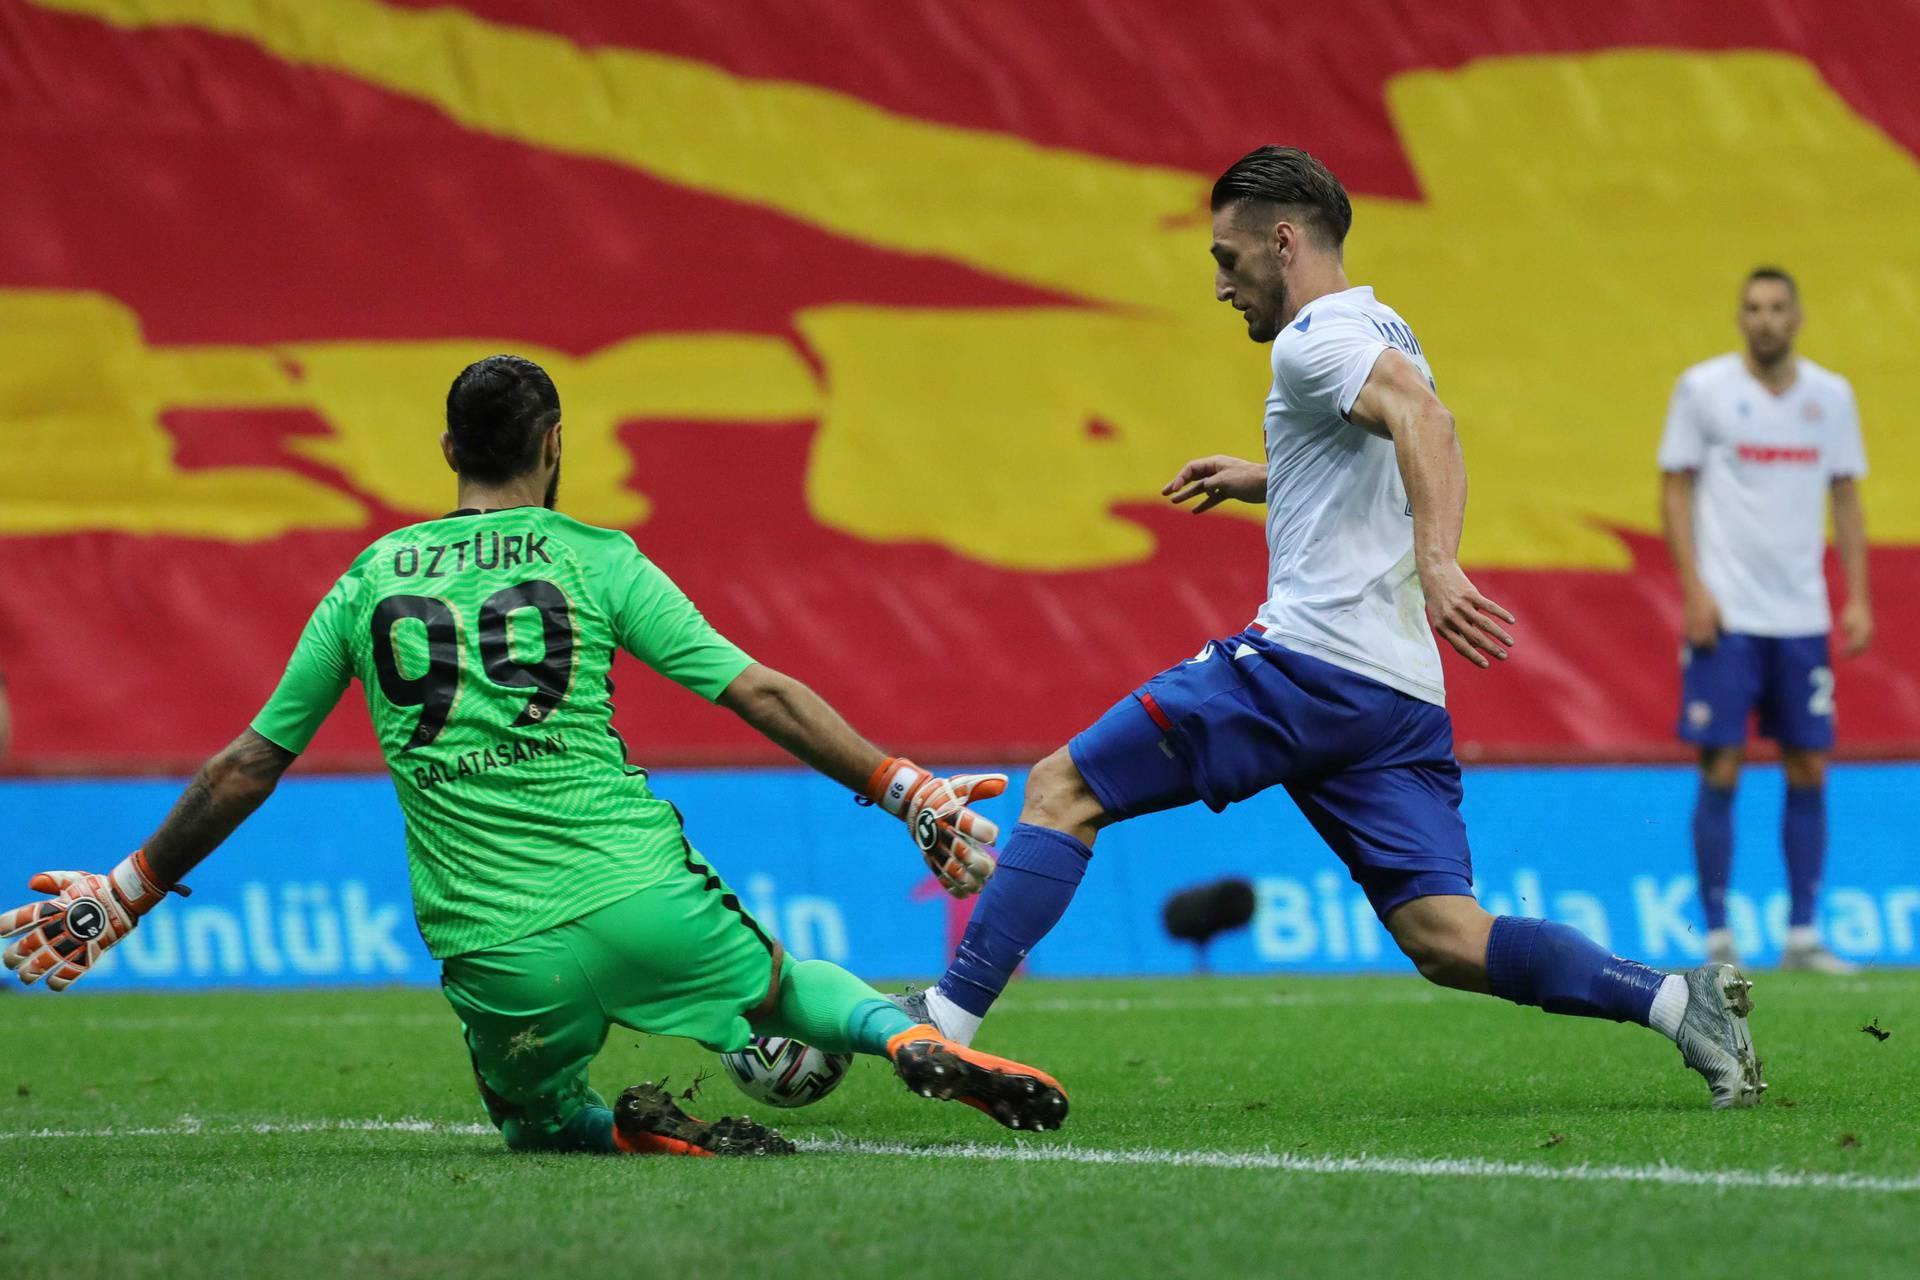 Oproštaj od Europe i za Hajduk: Splićani hrabro pali u Istanbulu!